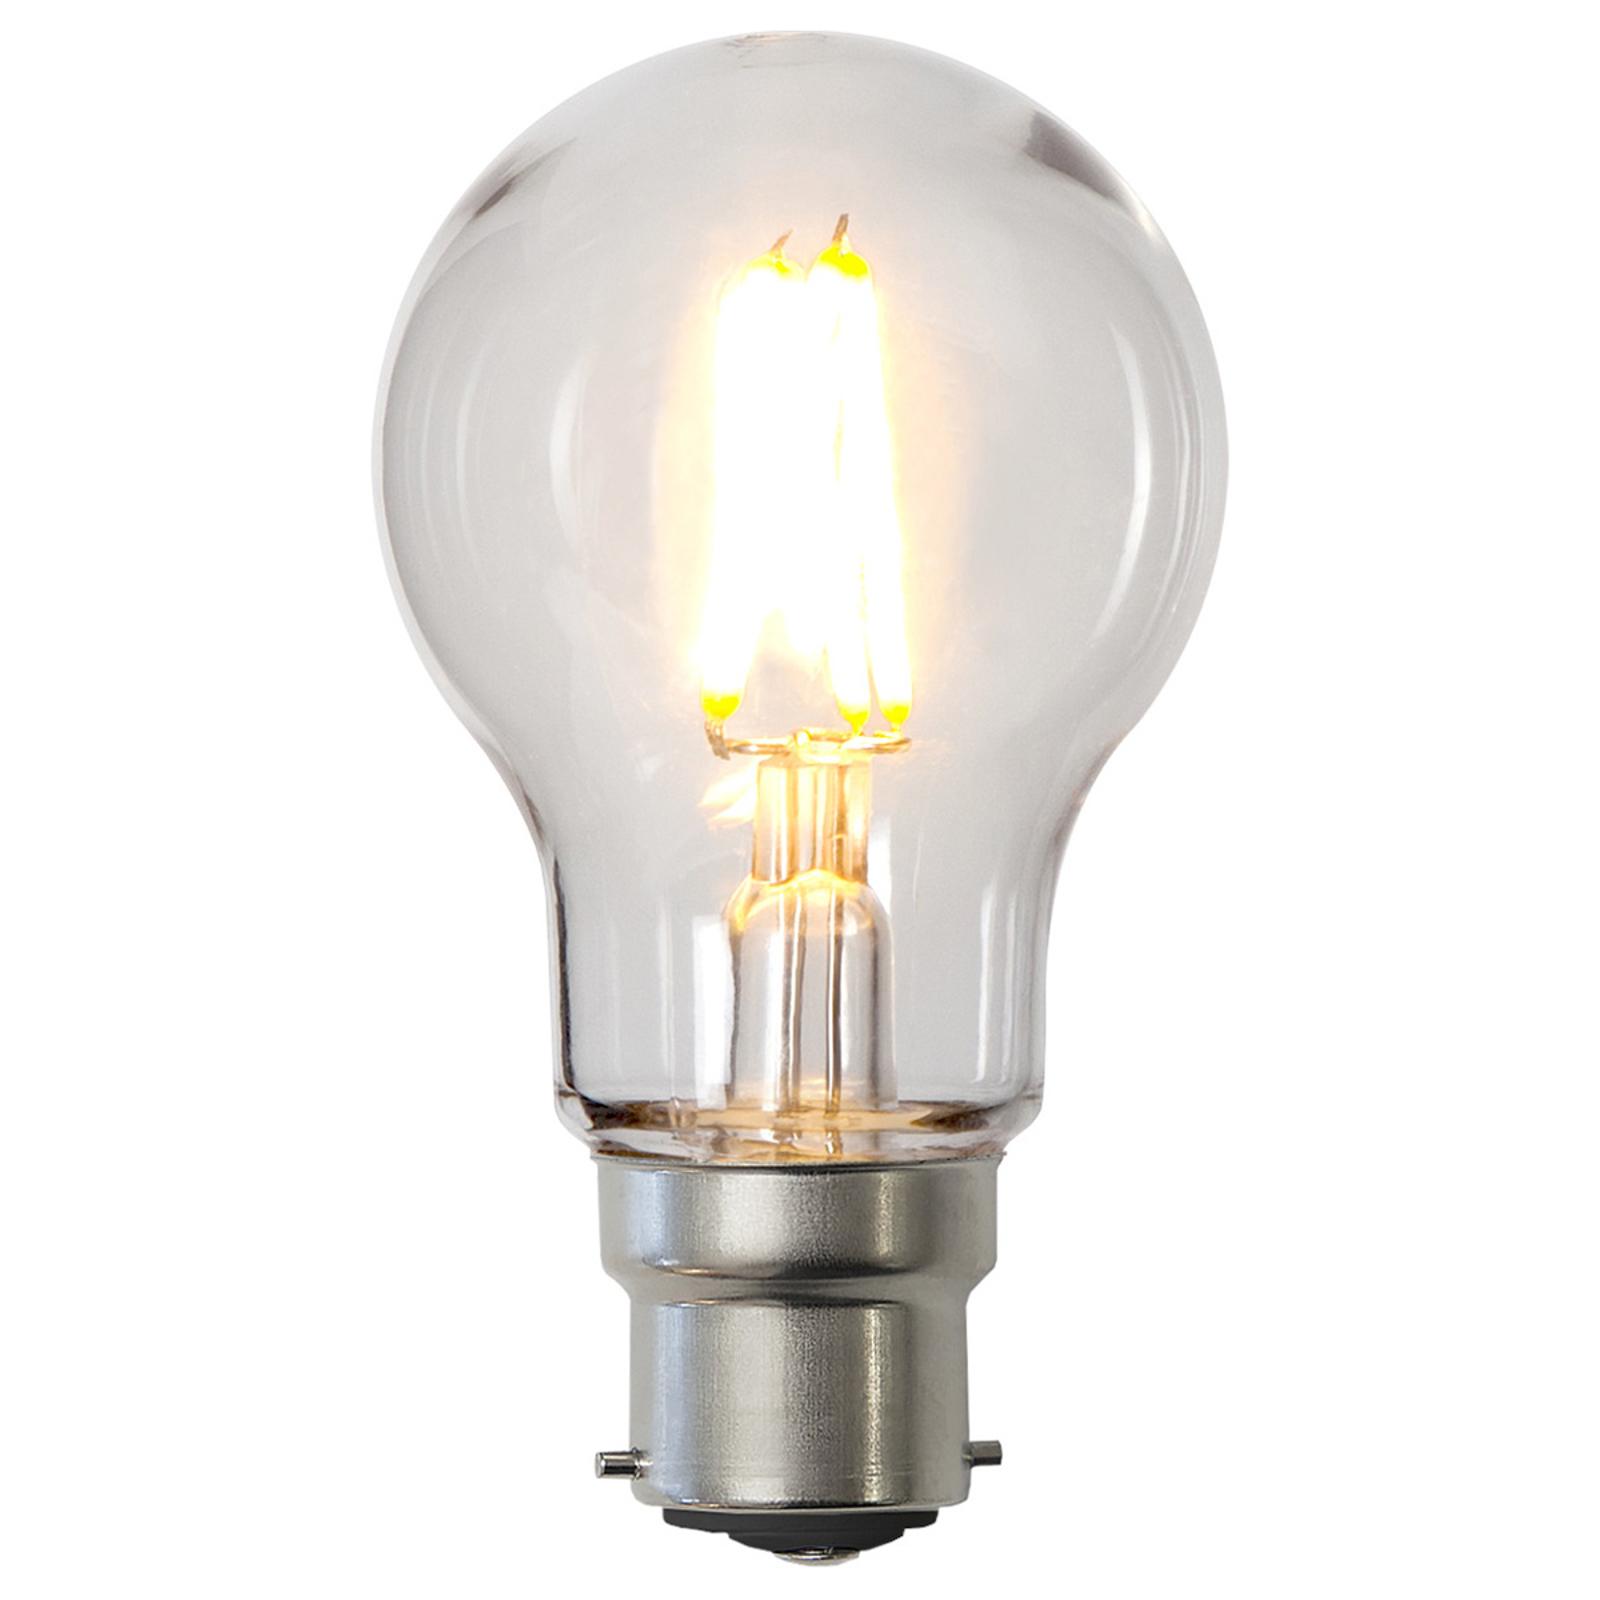 LED-Lampe B22 A55 2,4W aus Polycarbonat, klar